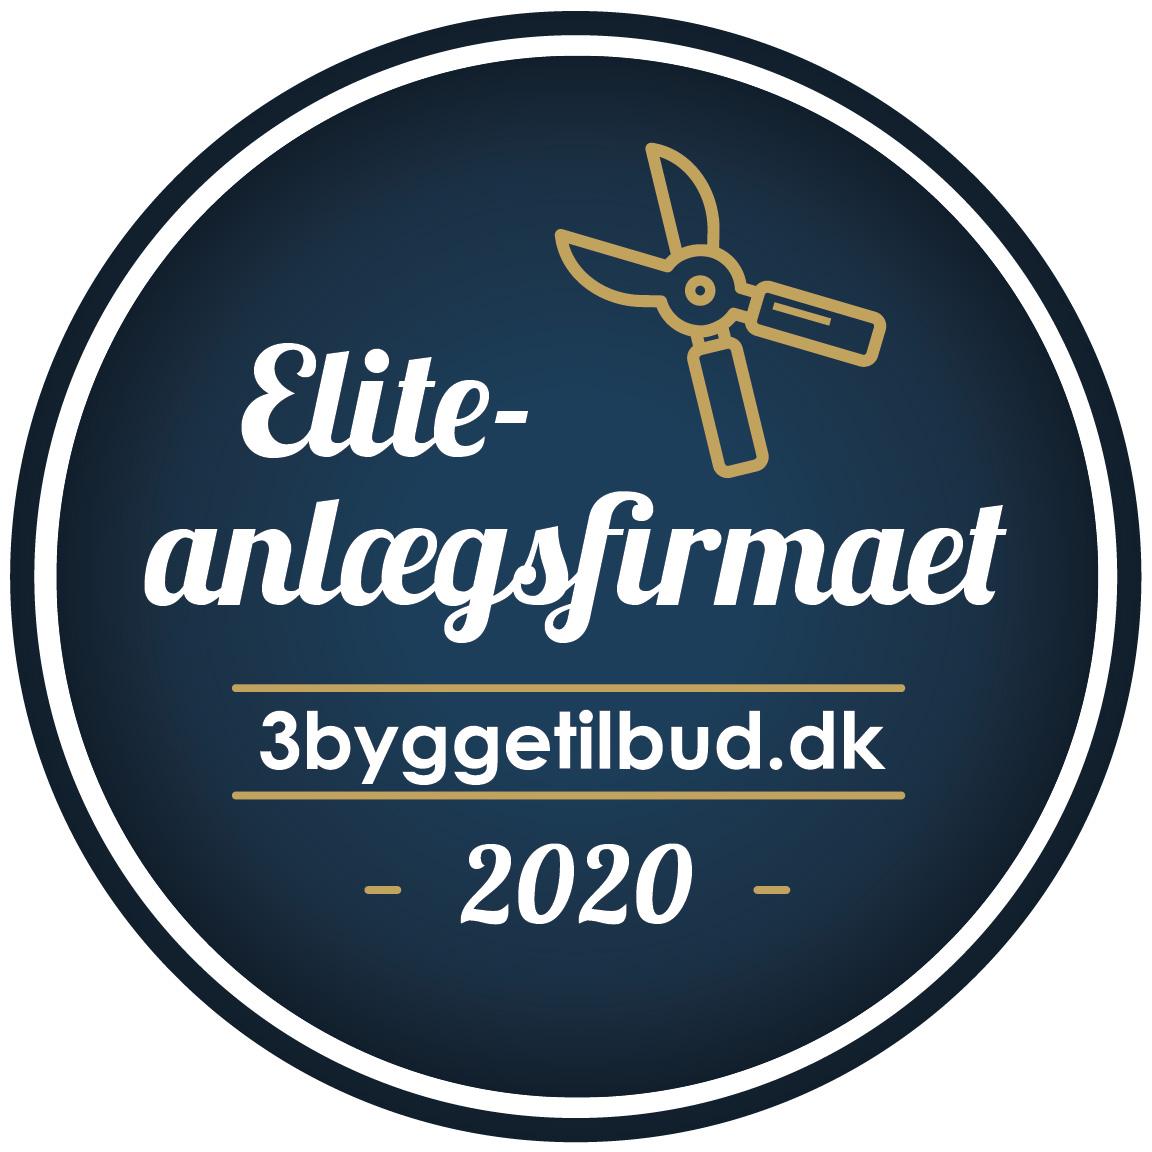 Elite anlægsfirmaet 2020